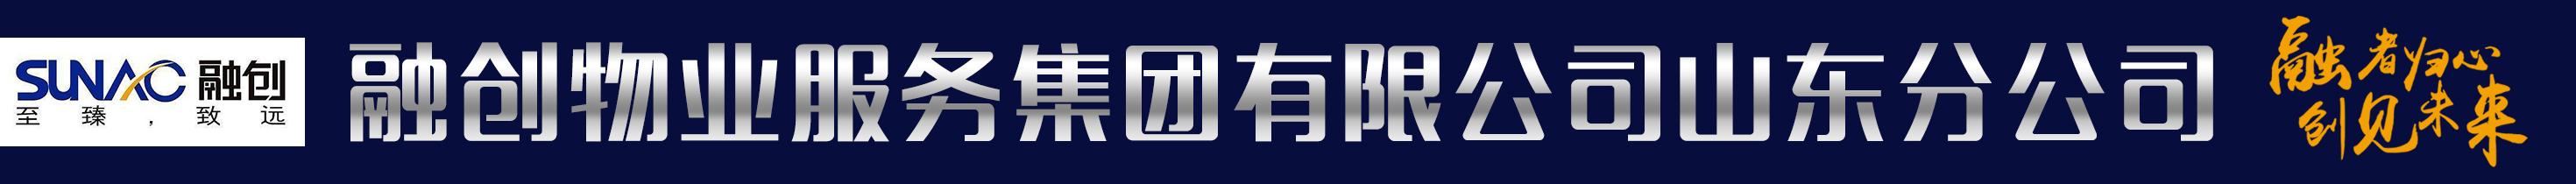 融创物业服务集团有限公司山东分公司(融创万达广场)